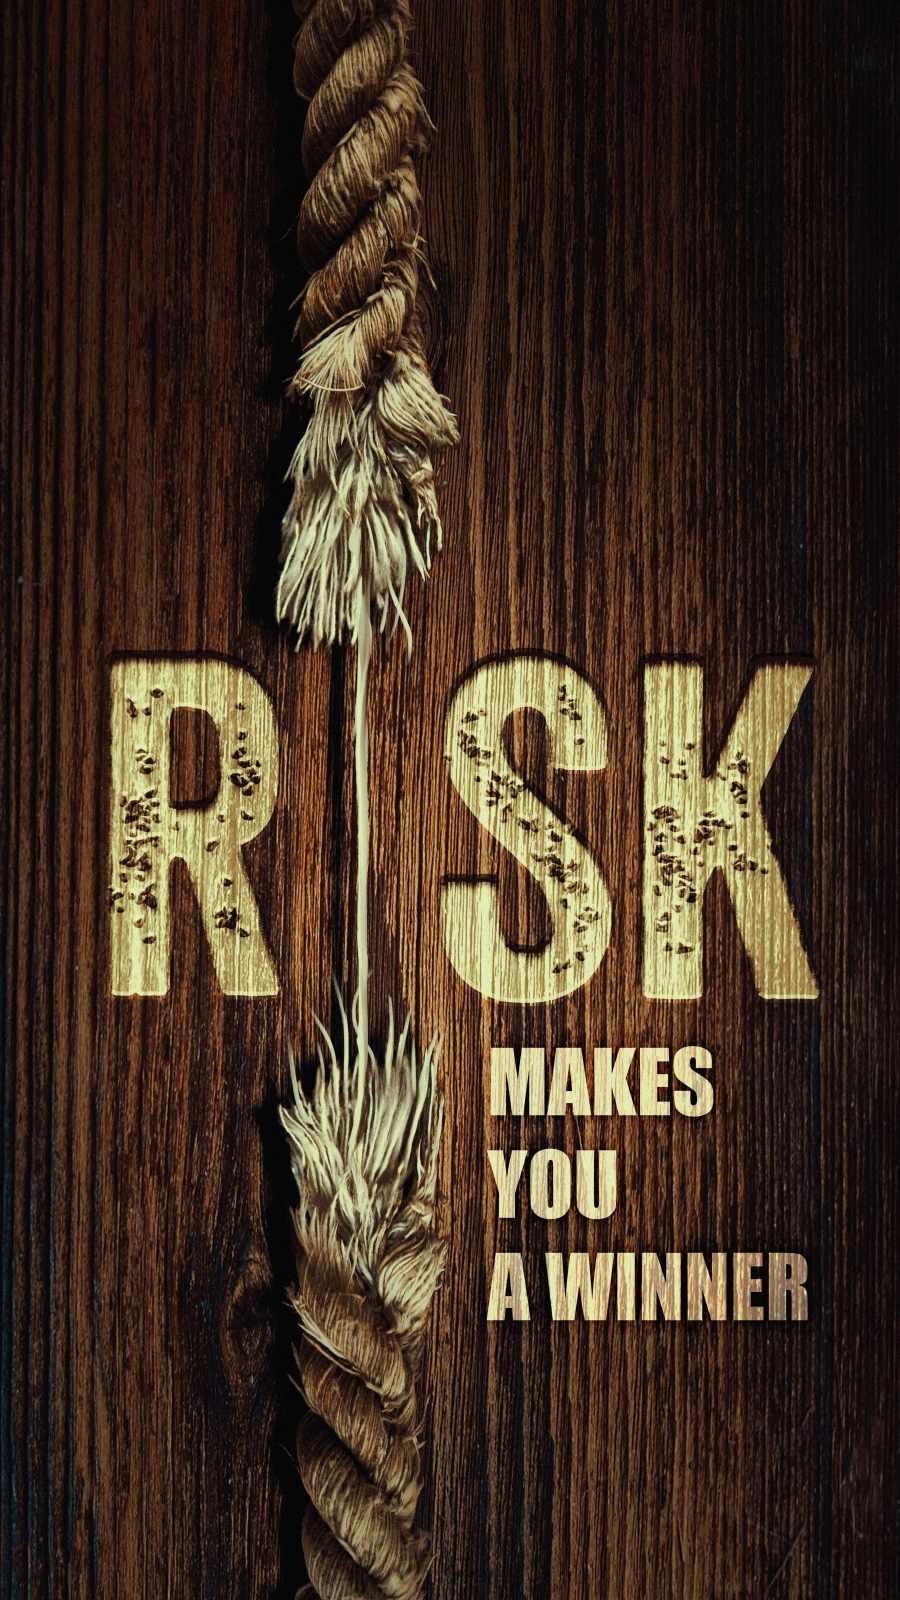 RISK Makes you Winner